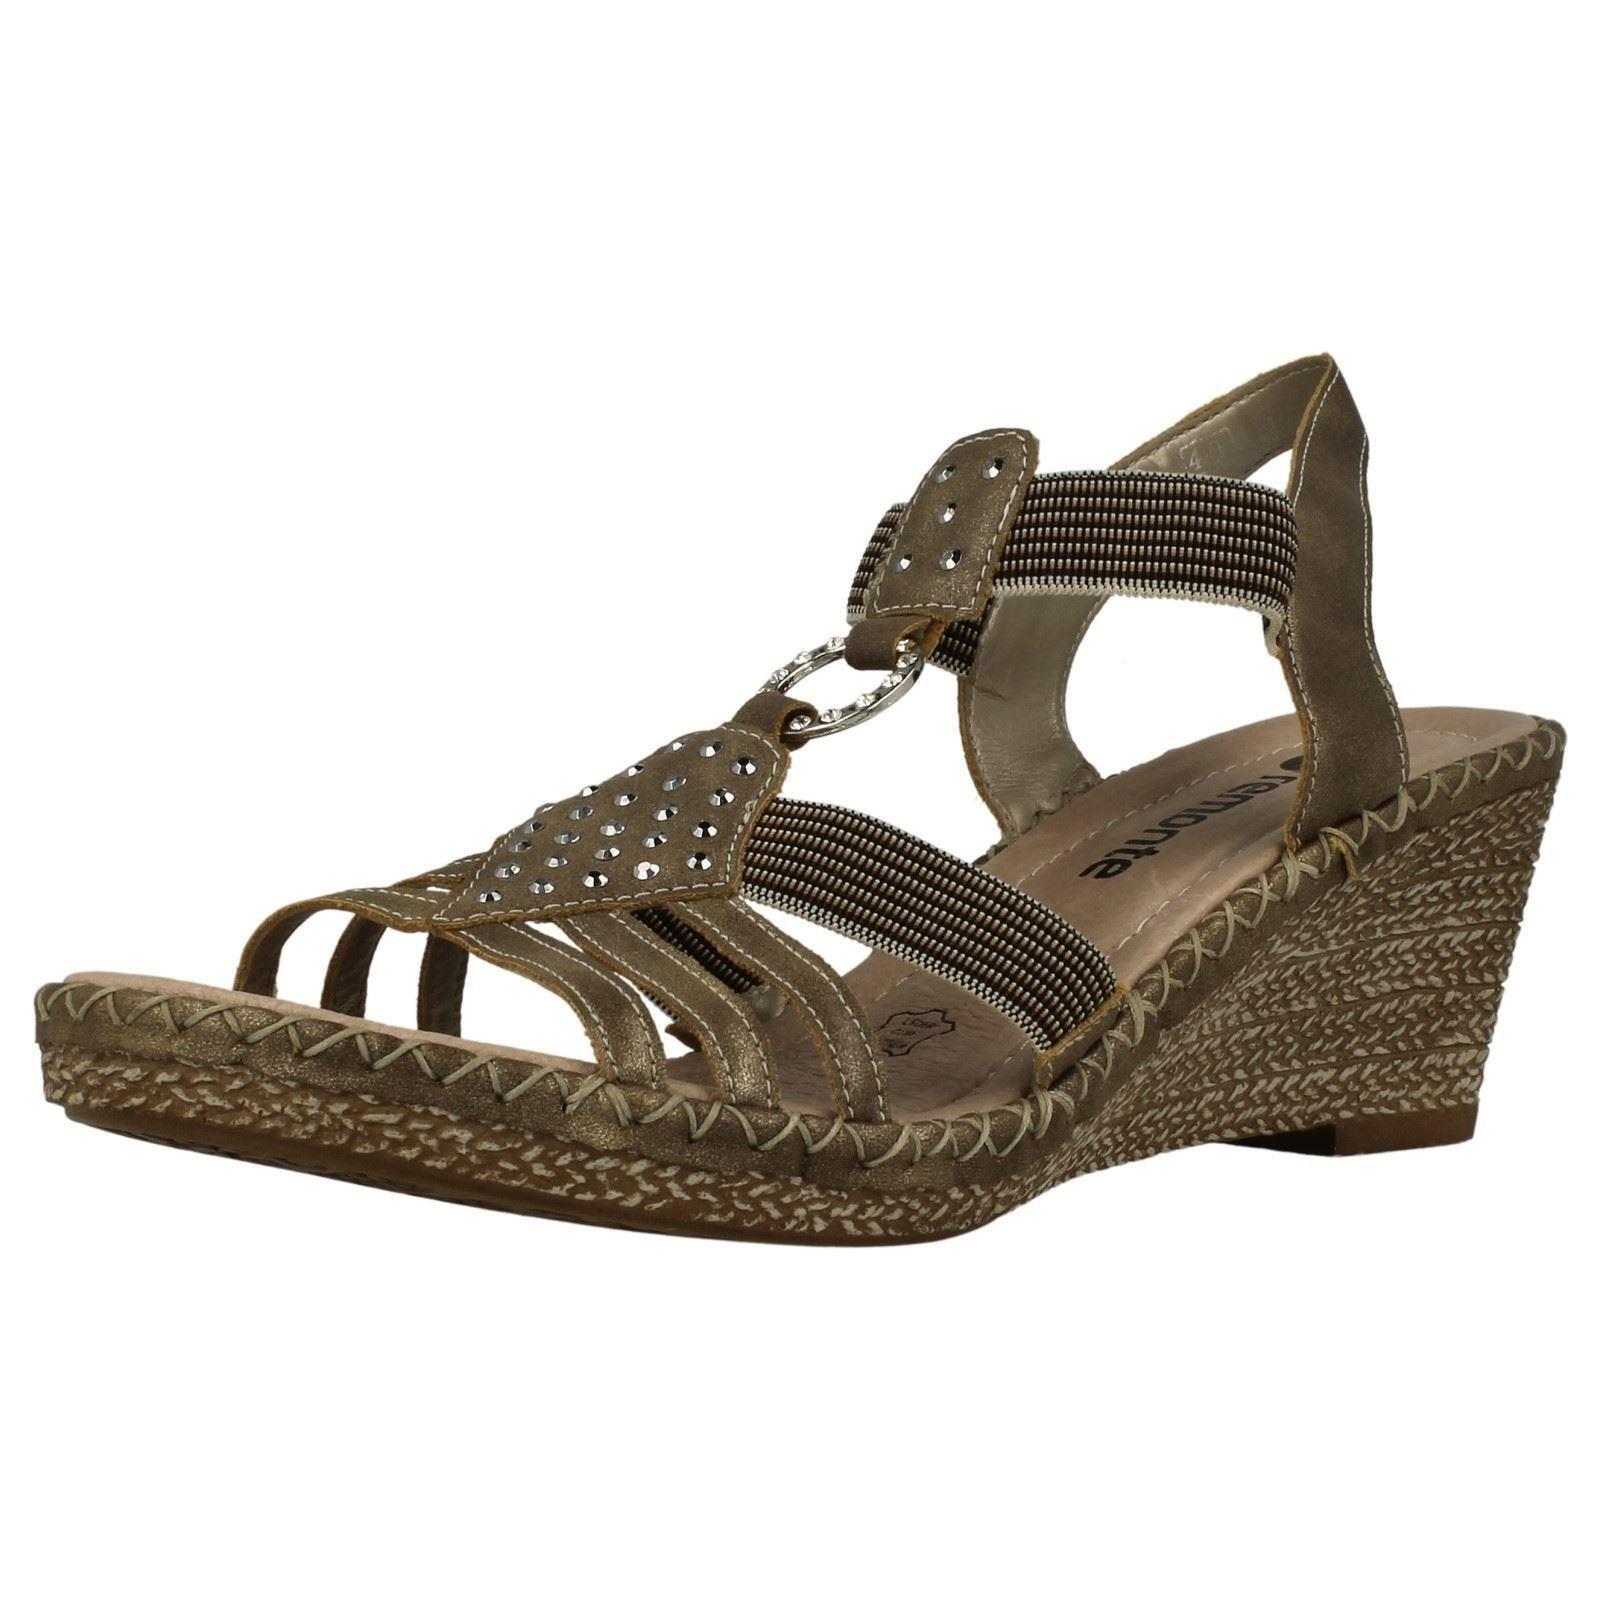 Mujer Remonte d6768 Sintético Elegante Sandalias Con CuñA